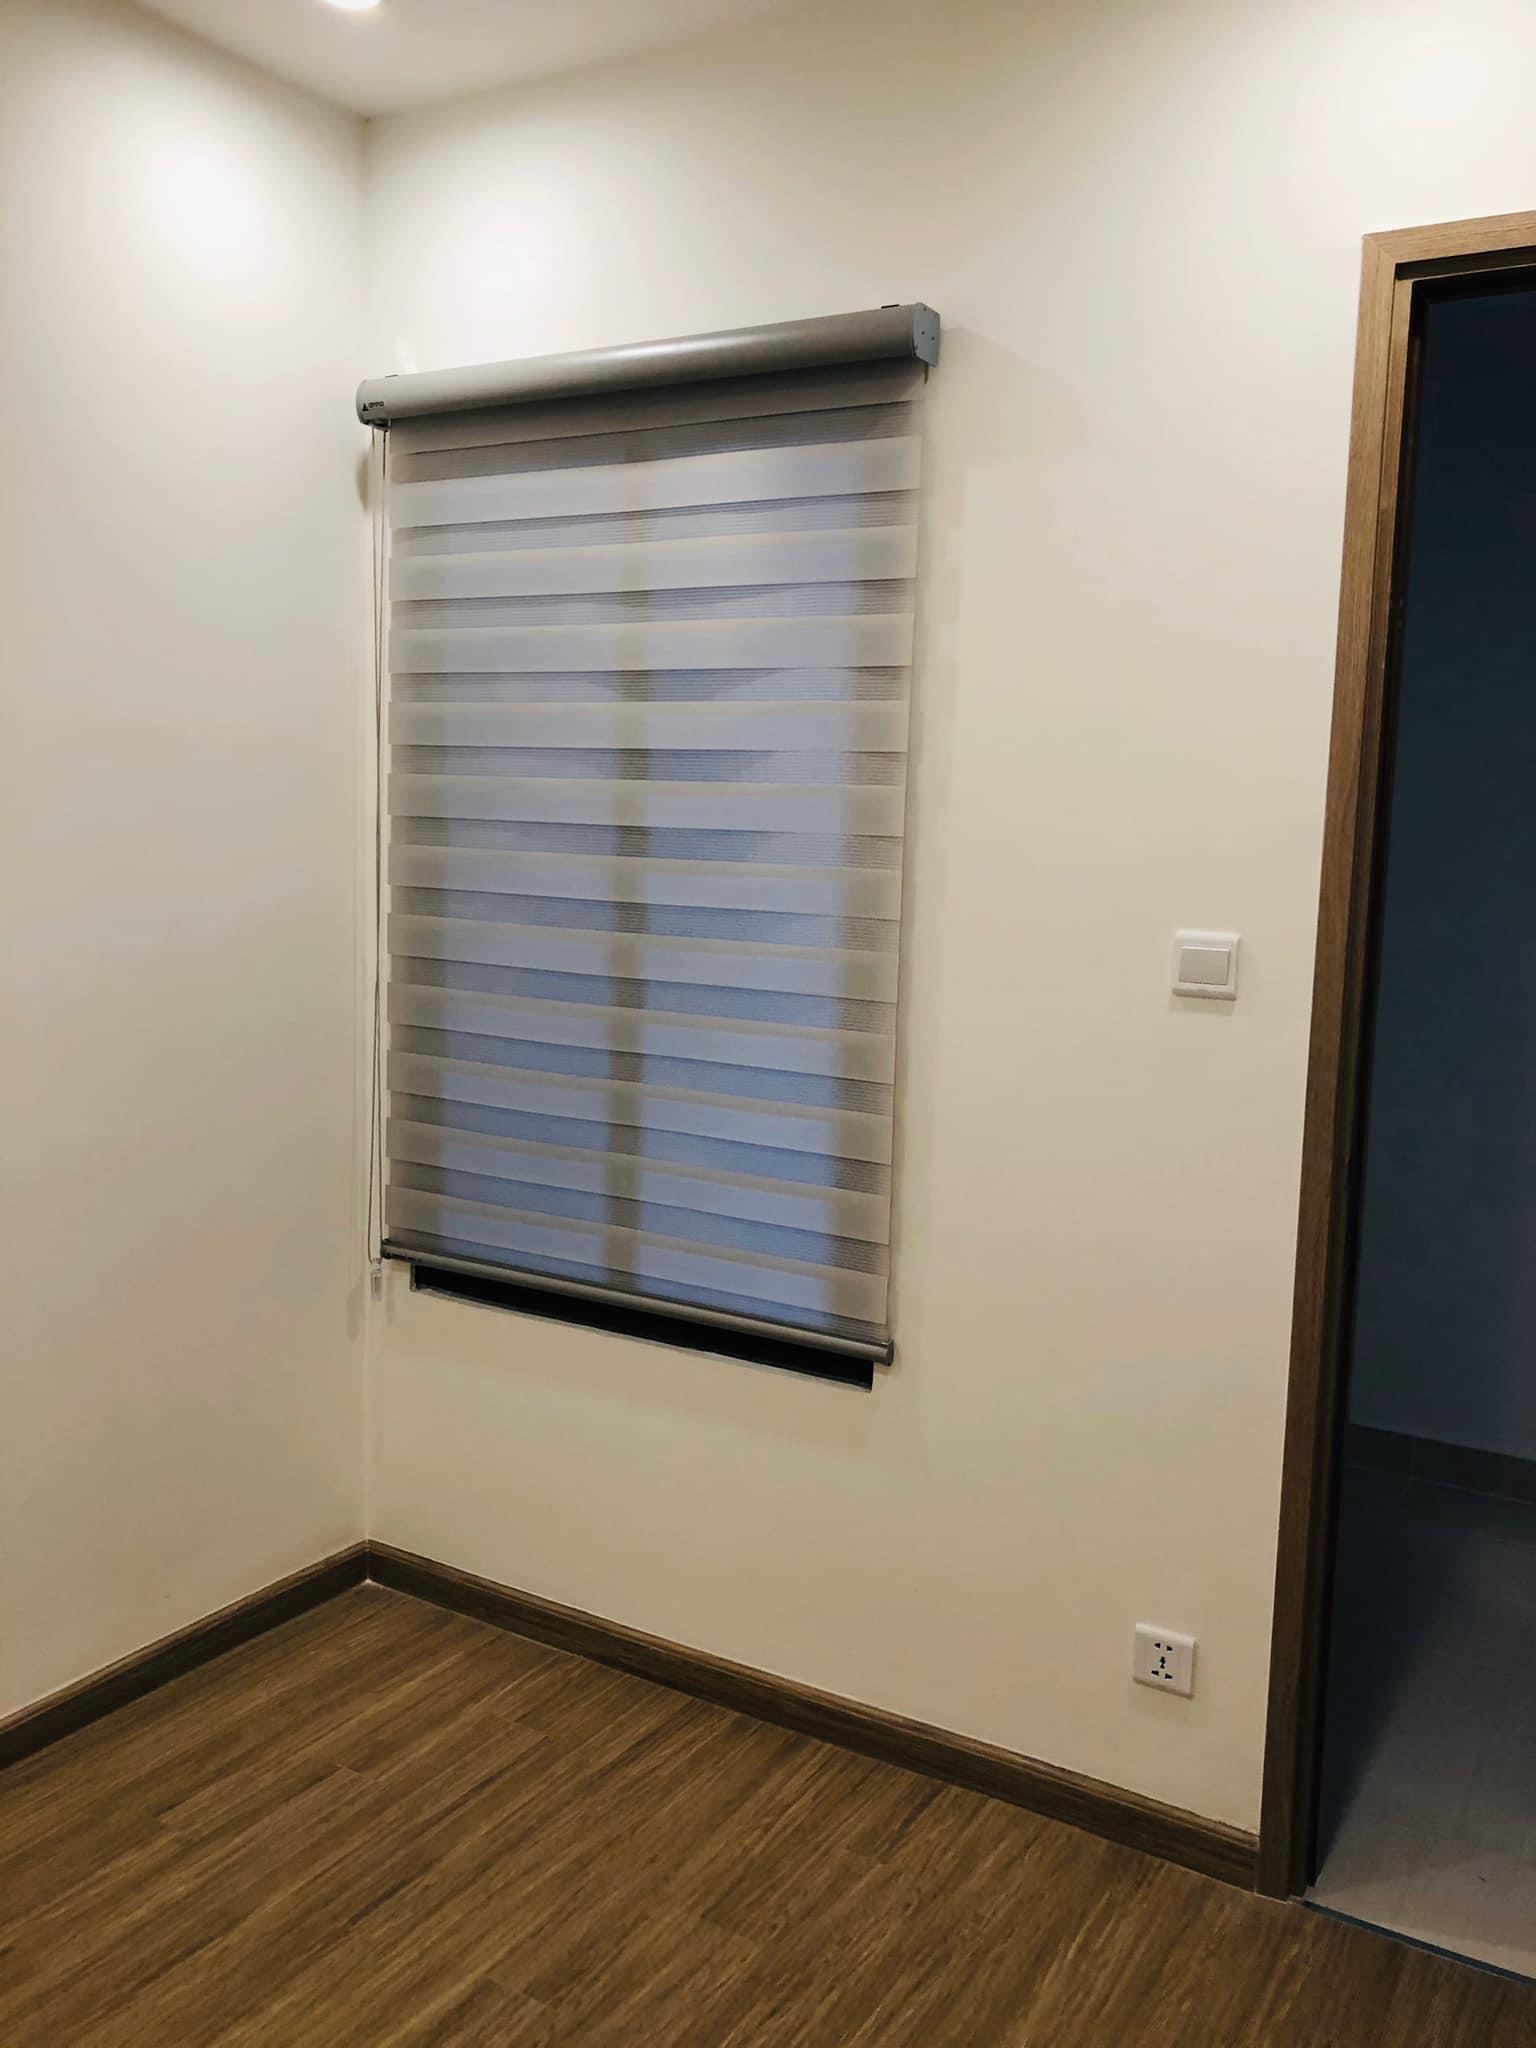 Căn hộ 2 phòng ngủ 1wc tầng 10 S1.02 Vinhomes Grand Park 6tr/tháng 7